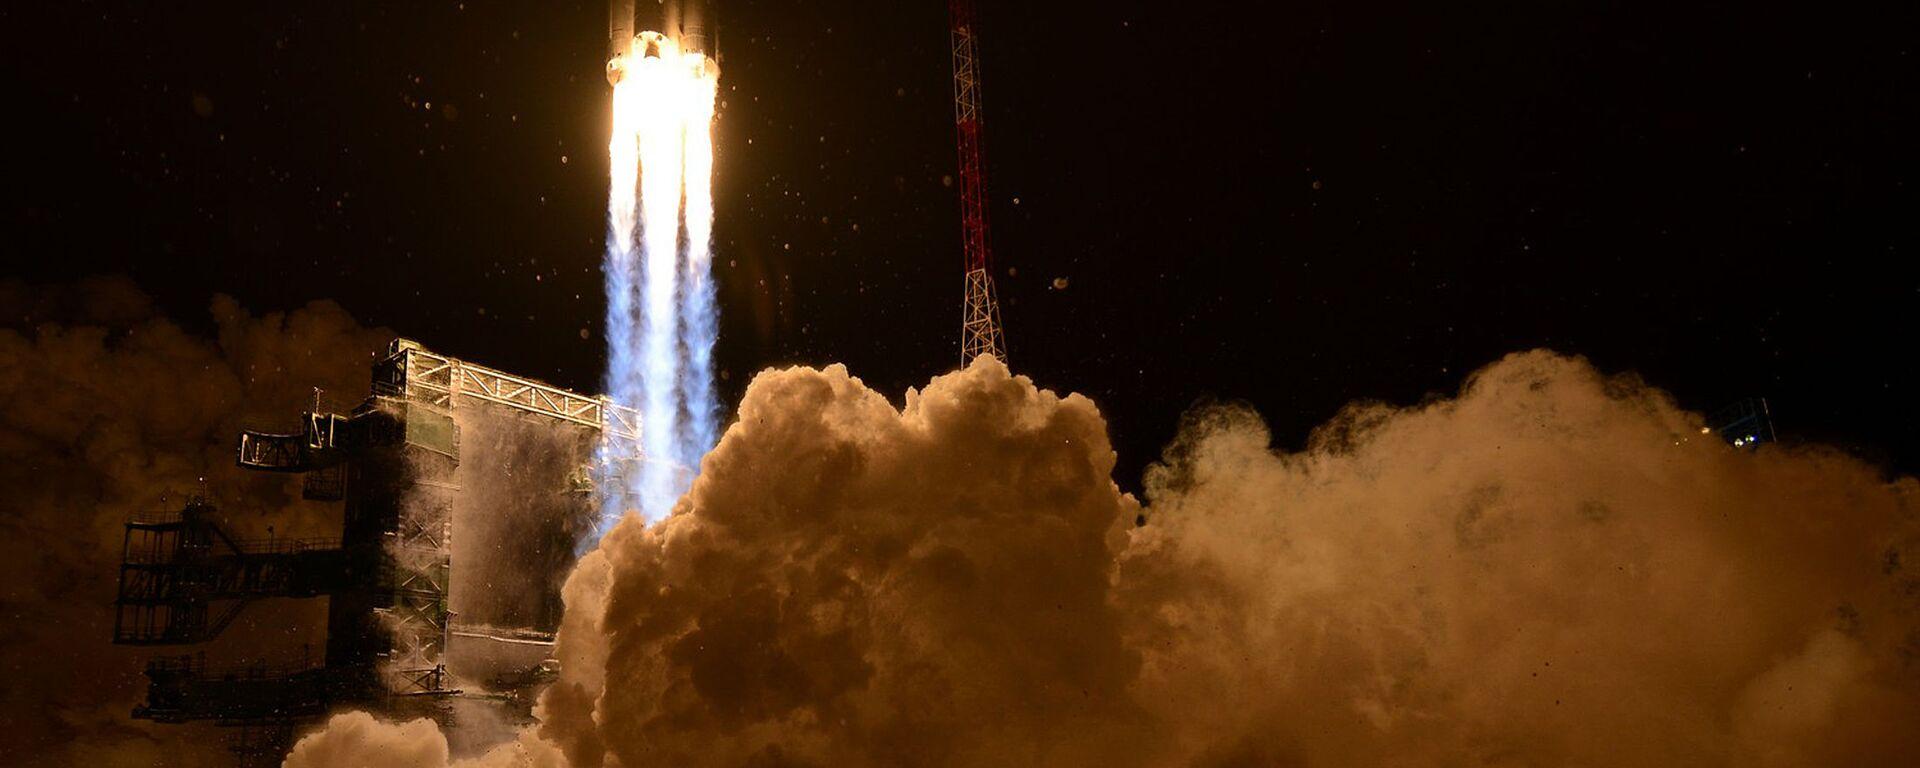 Lanzamiento del cohete portador Angara A5 - Sputnik Mundo, 1920, 05.02.2021